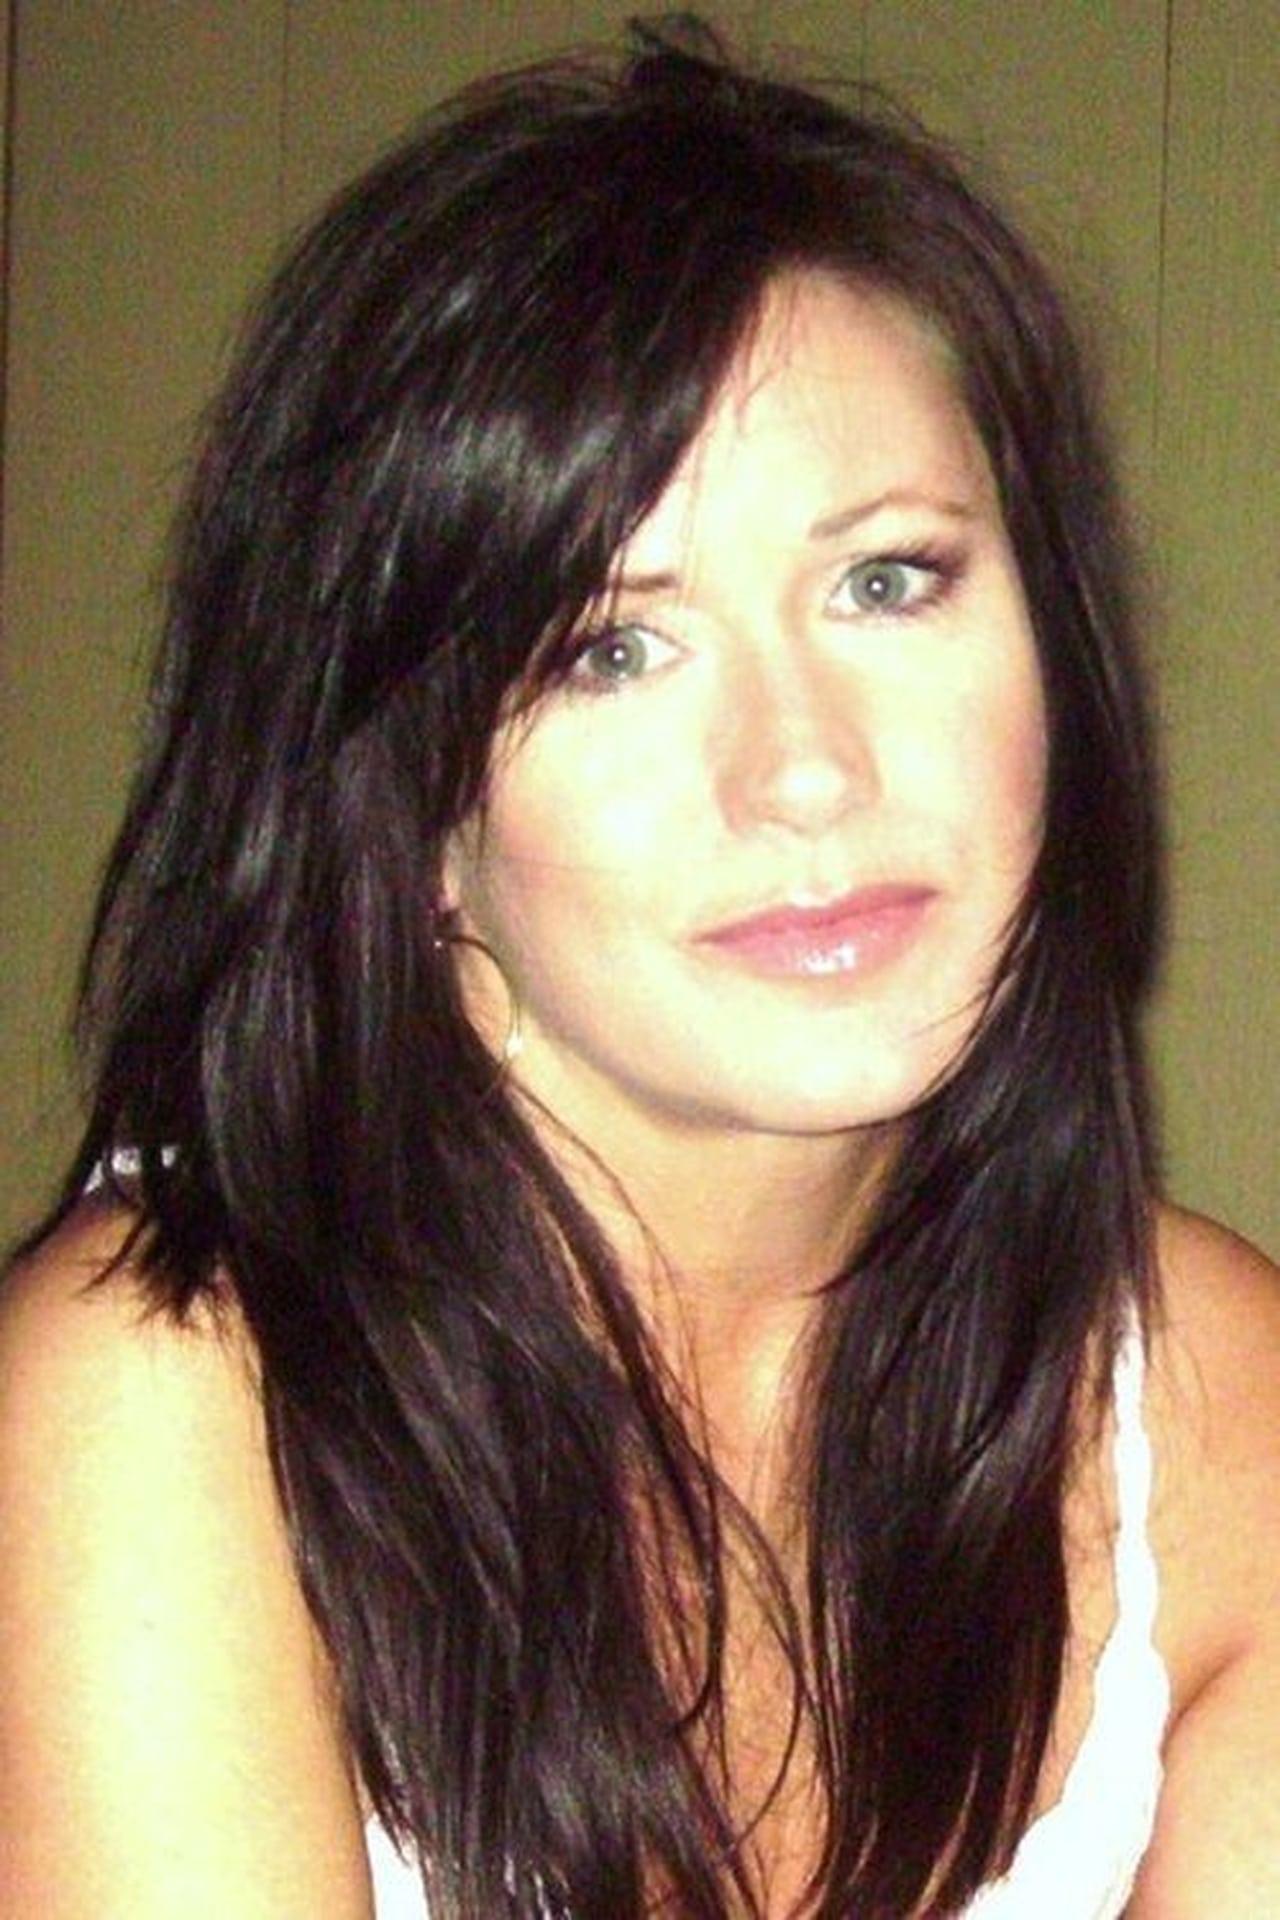 Lori Grabowski